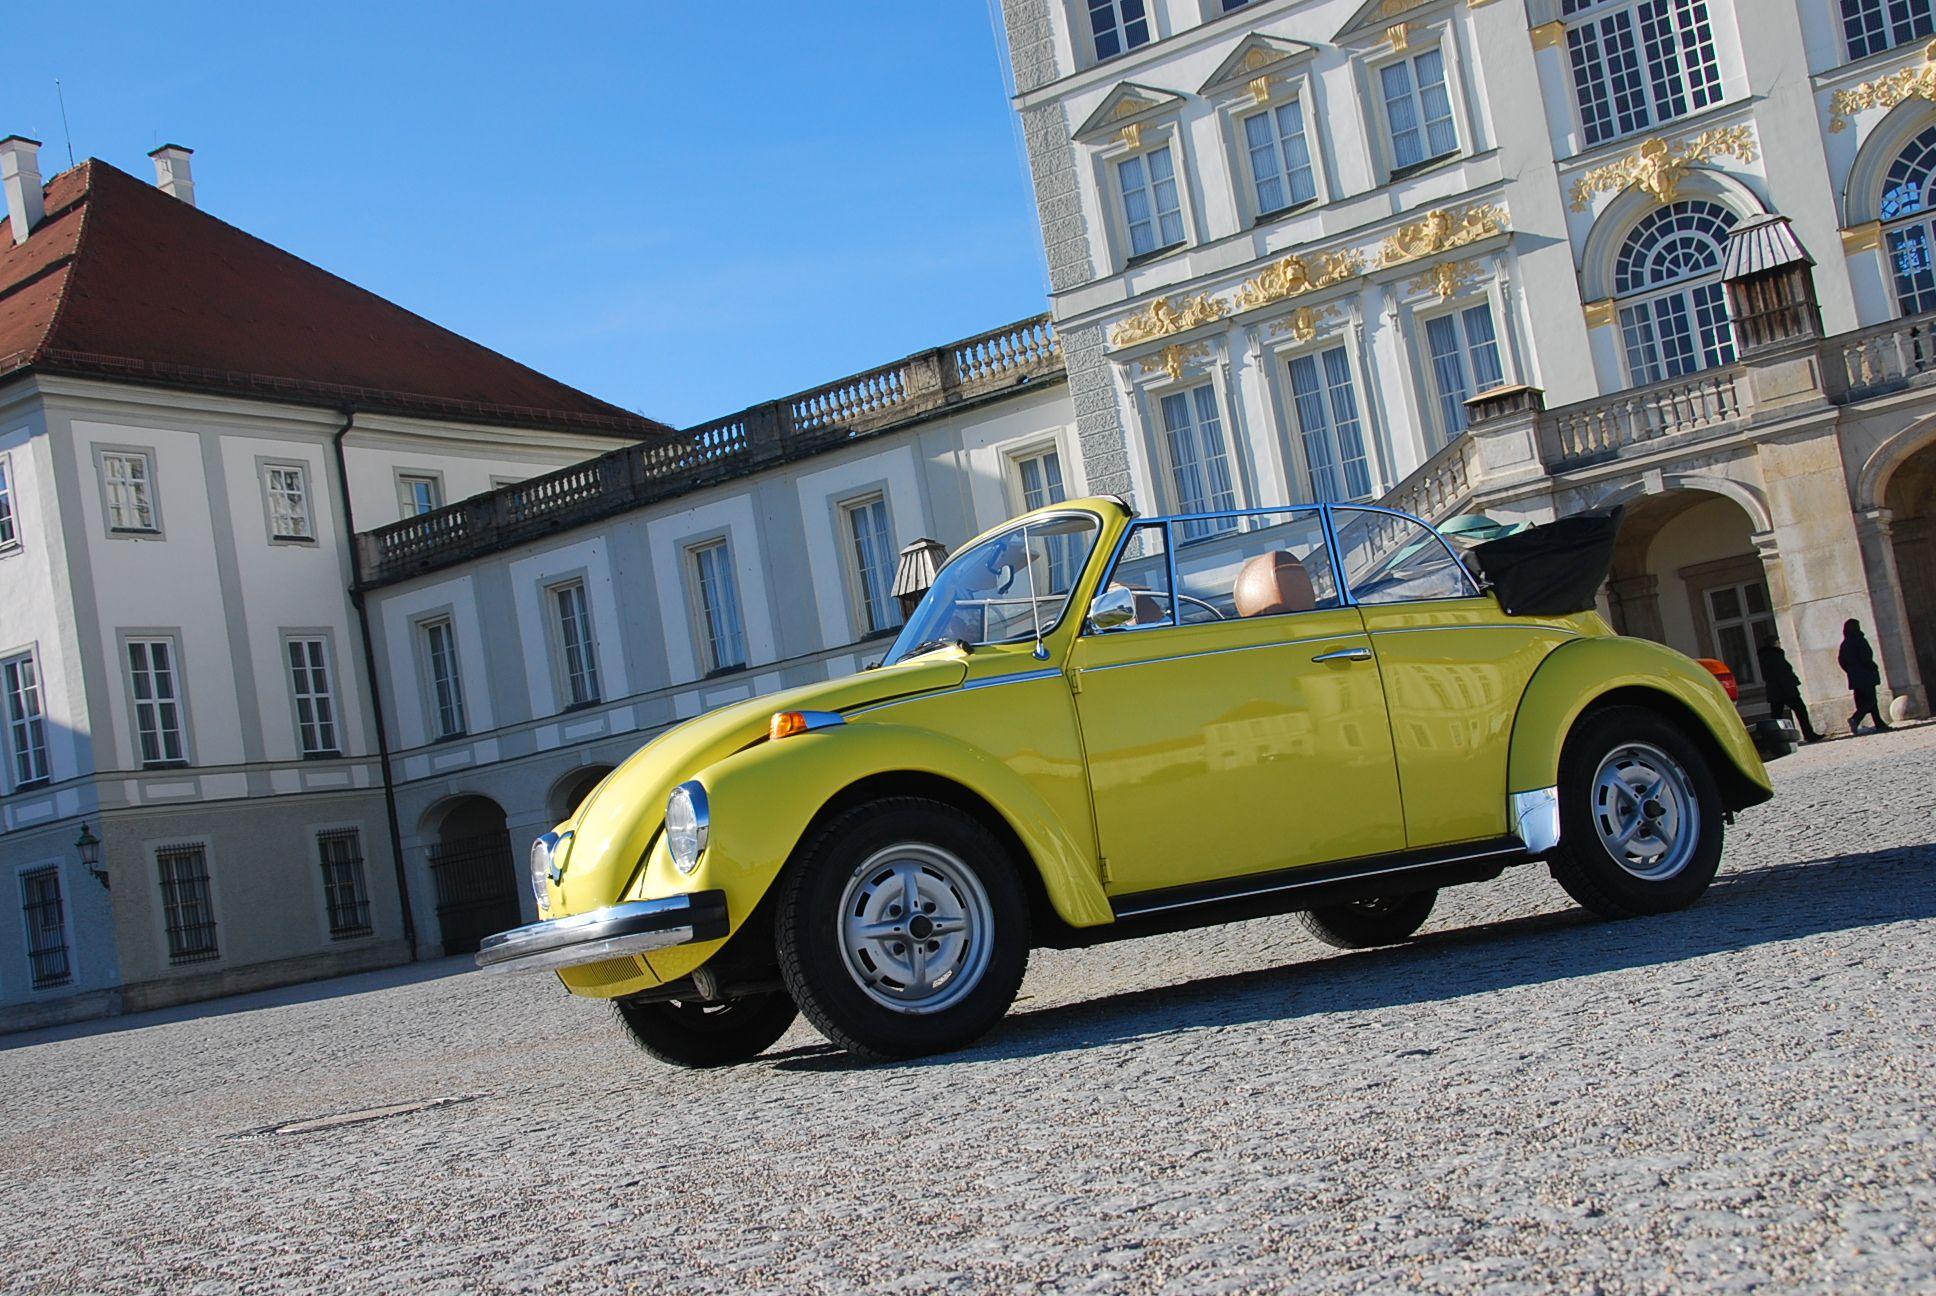 Rent a Käfer in Munich | Nostalgic Classic Car Travel | VW Käfer ...